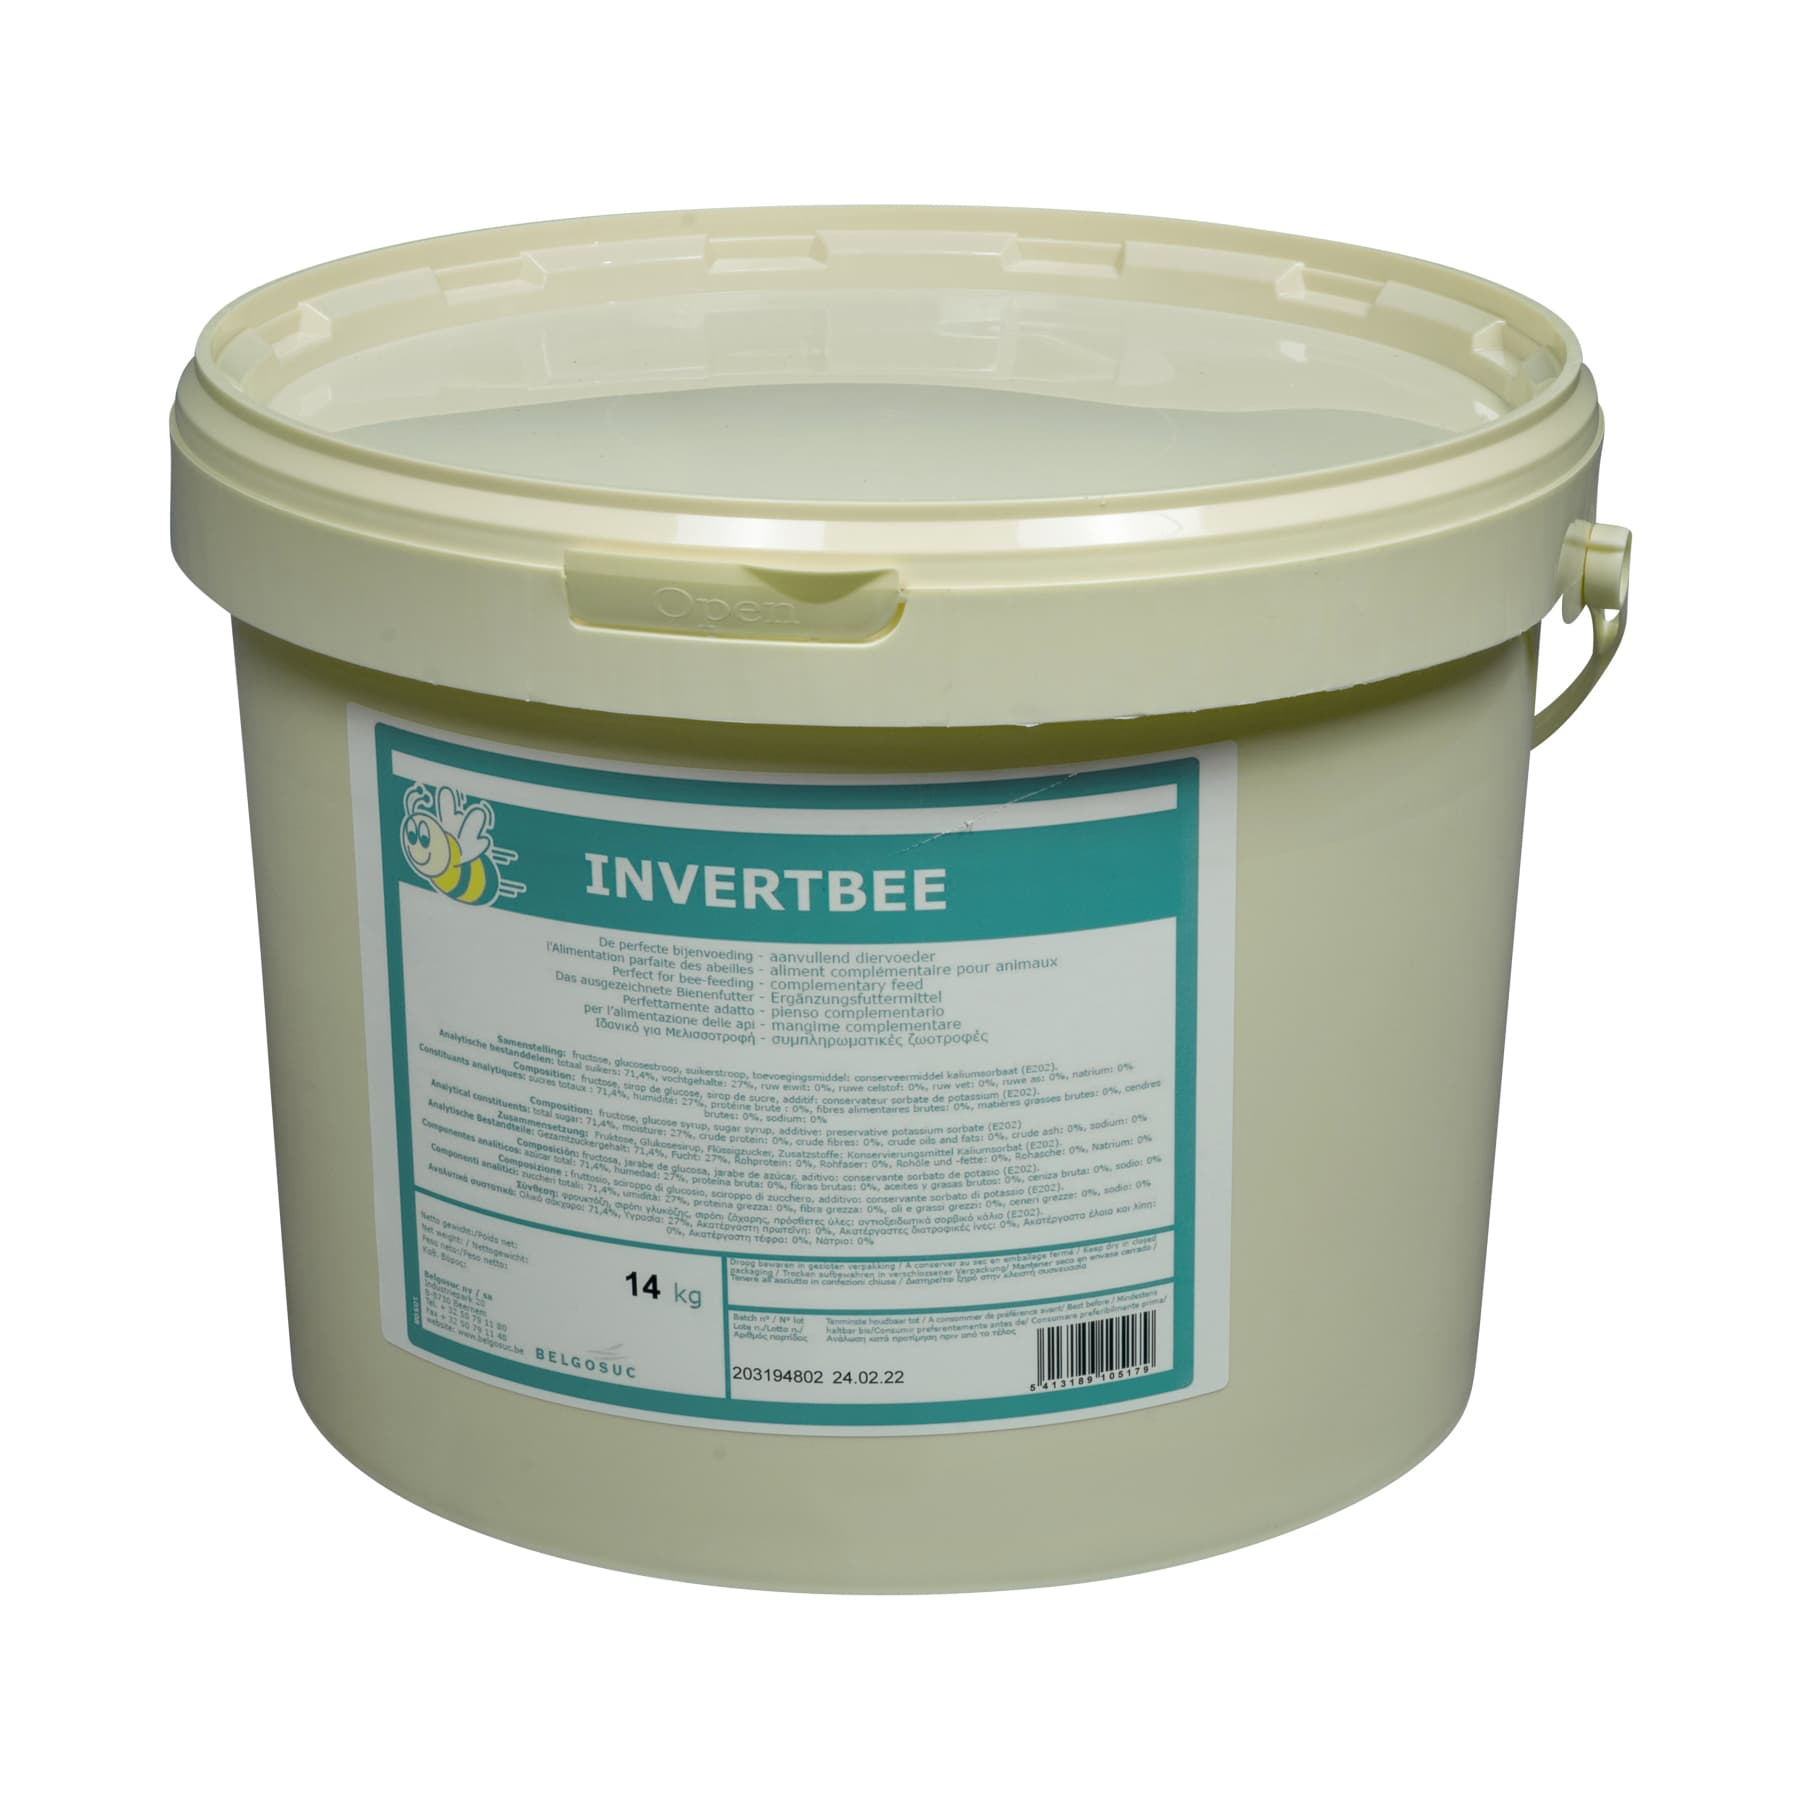 Bienenfuttersirup Invertbee 14 kg Eimer